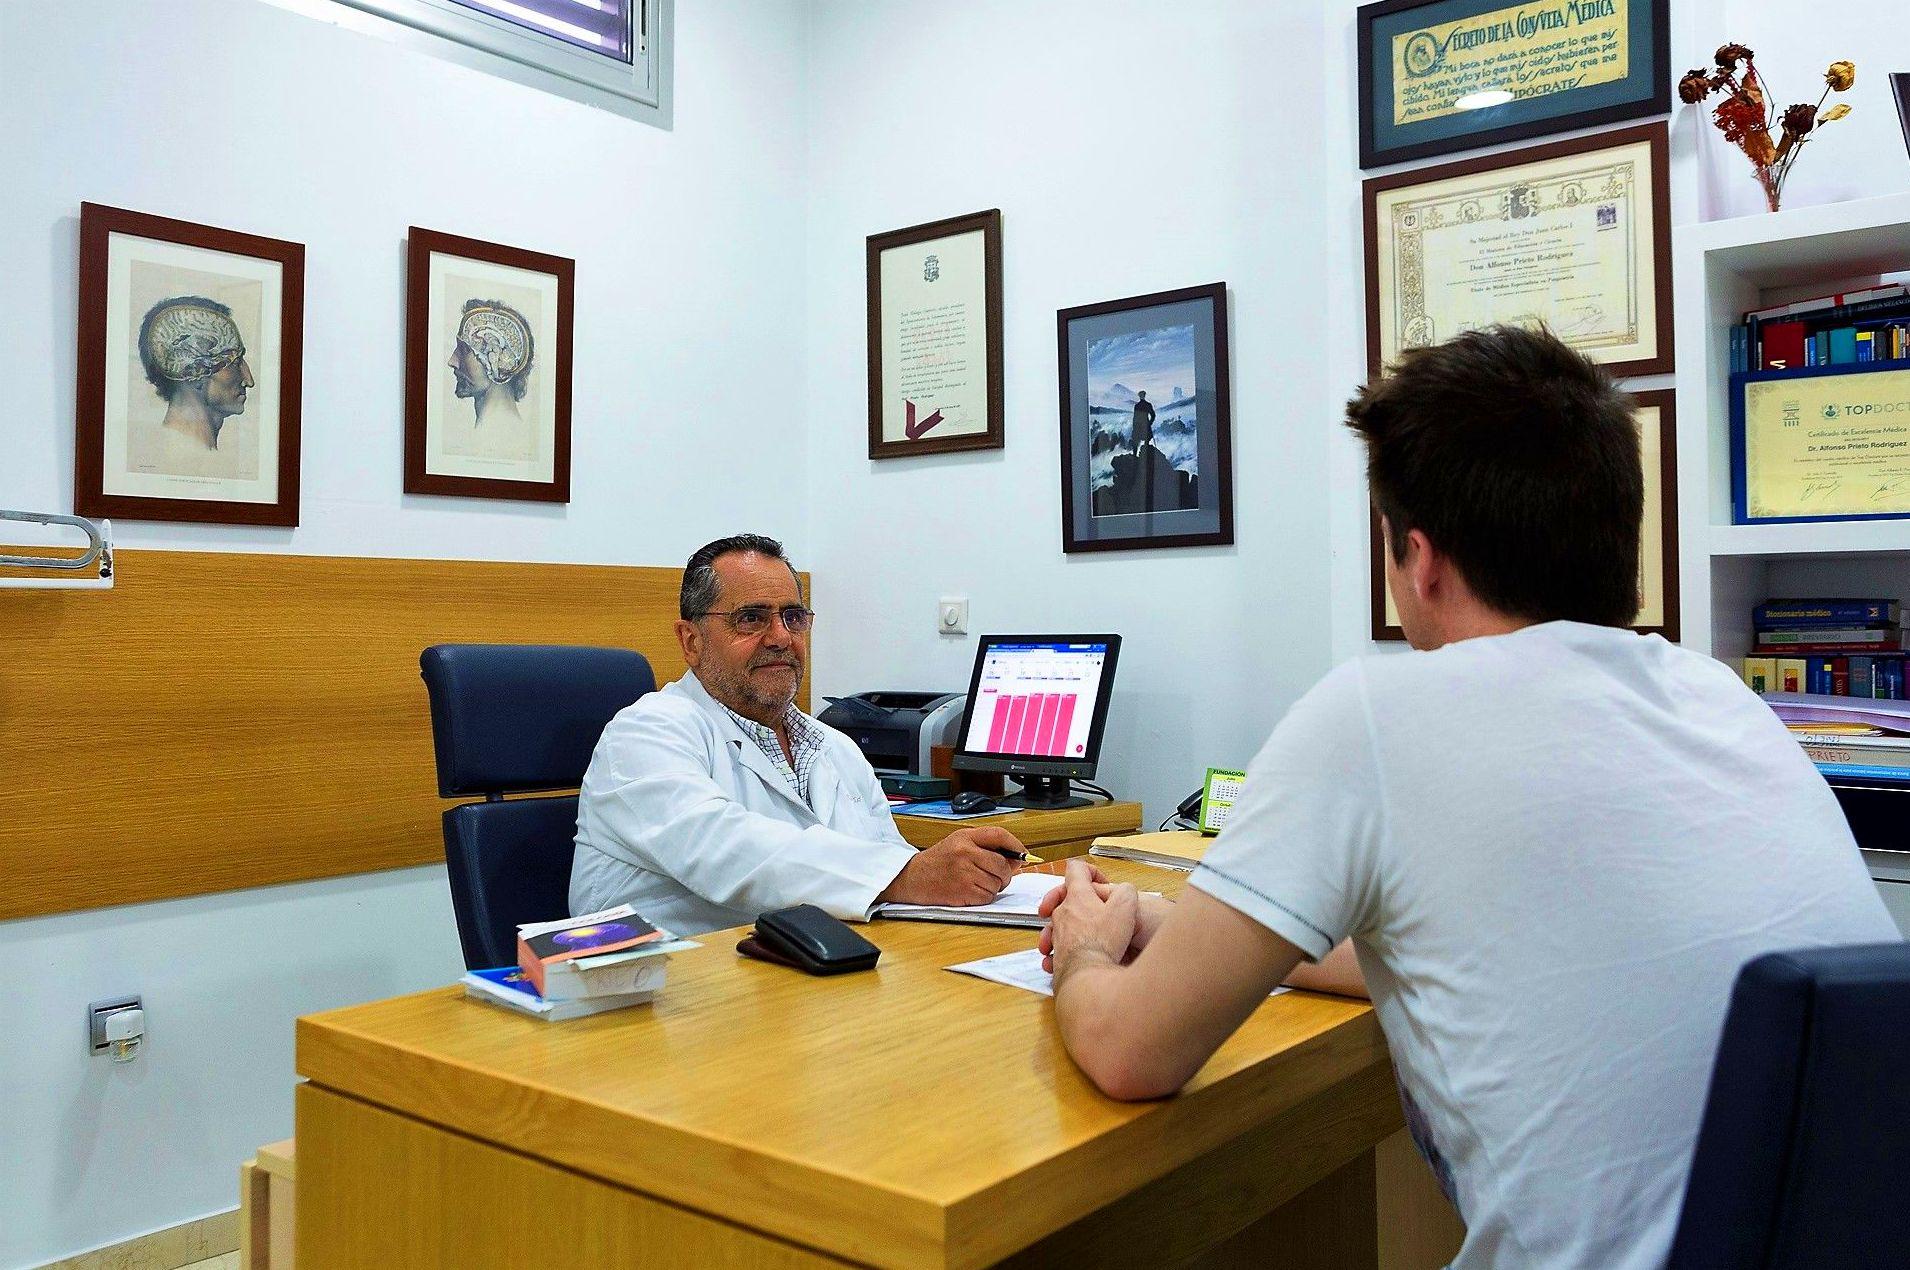 Foto 7 de Médicos especialistas Psiquiatría en Sevilla | Alfonso Prieto Rodríguez - Médico Psiquiatra